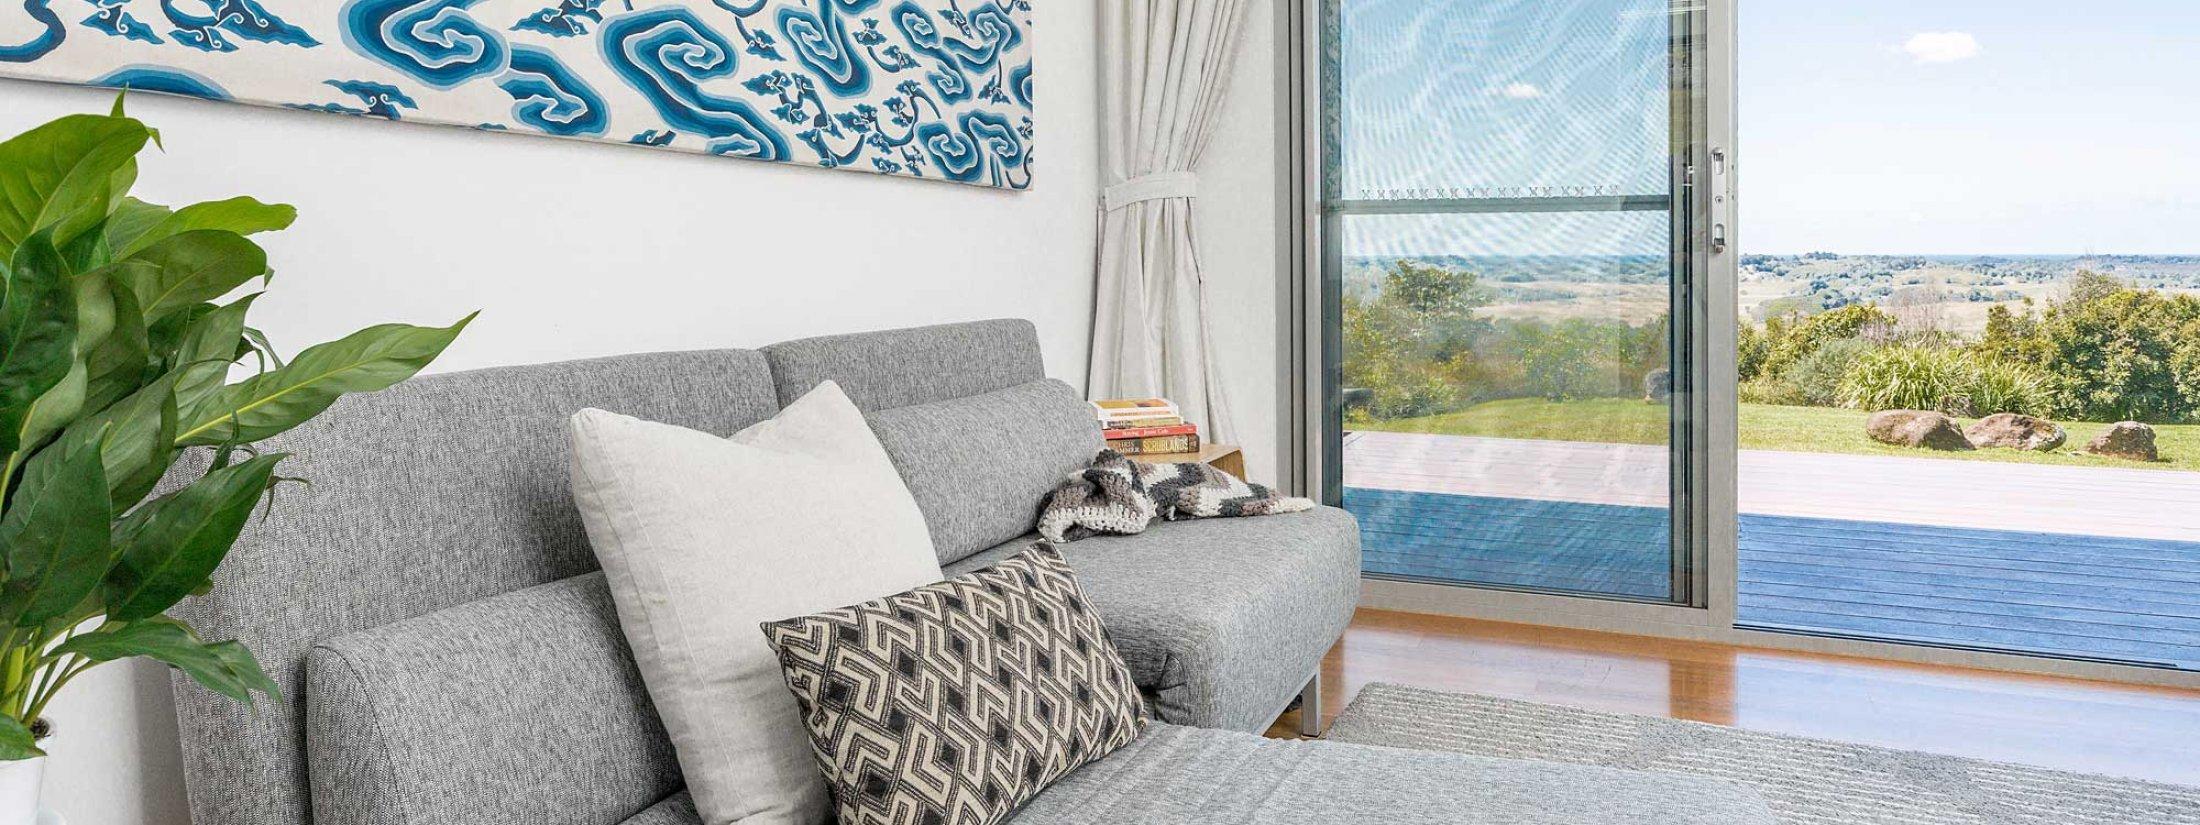 Jali Burugar - Byron Bay - Bedroom 4 Fold-out Lounge